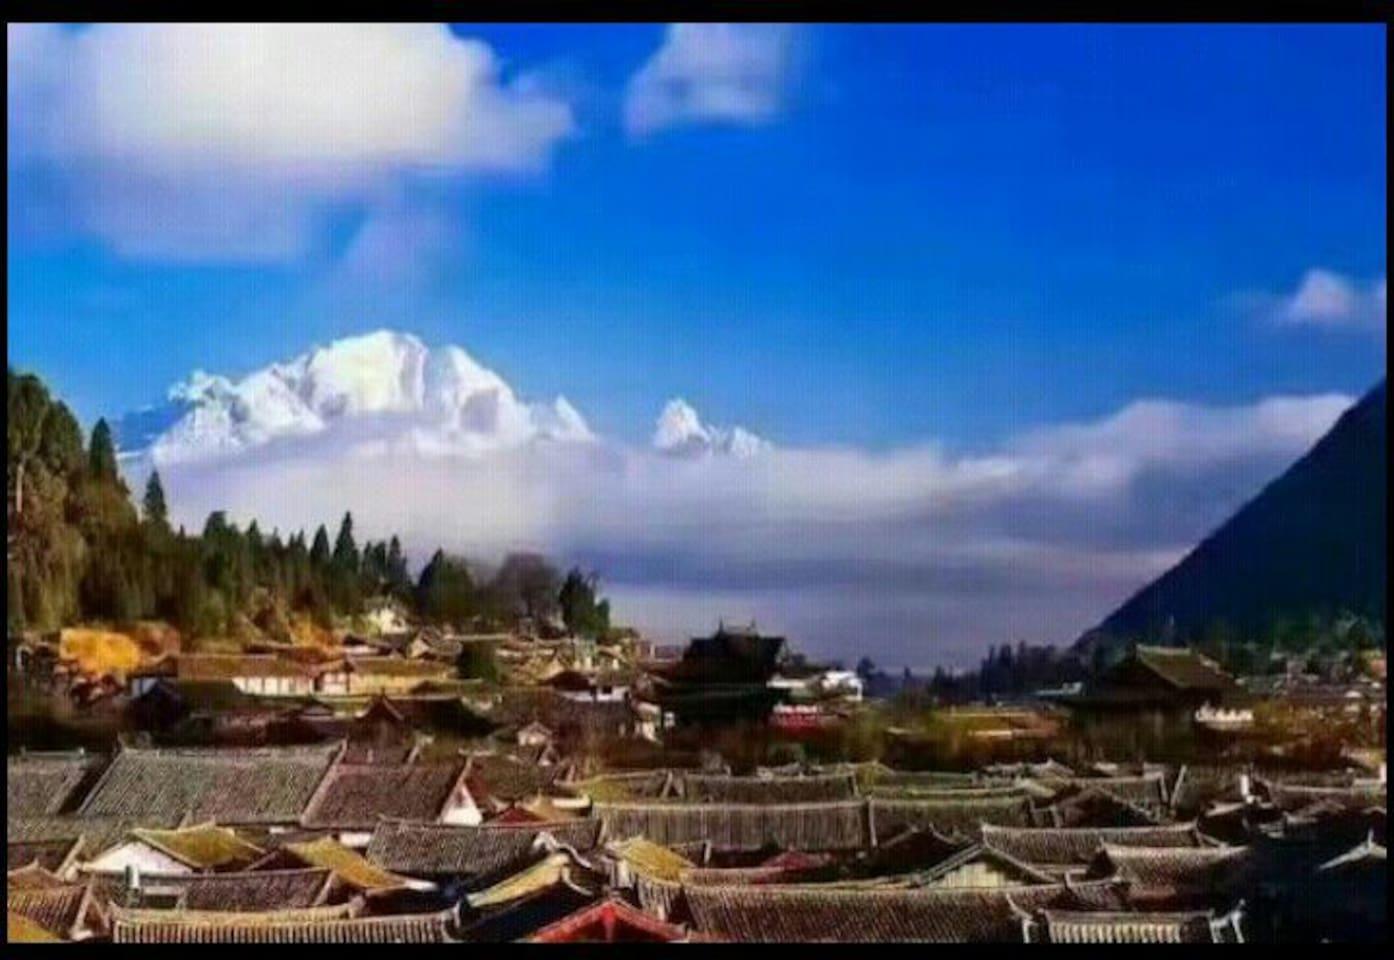 客栈观景台观看雄伟的玉龙雪山和部分古城晚上的夜景